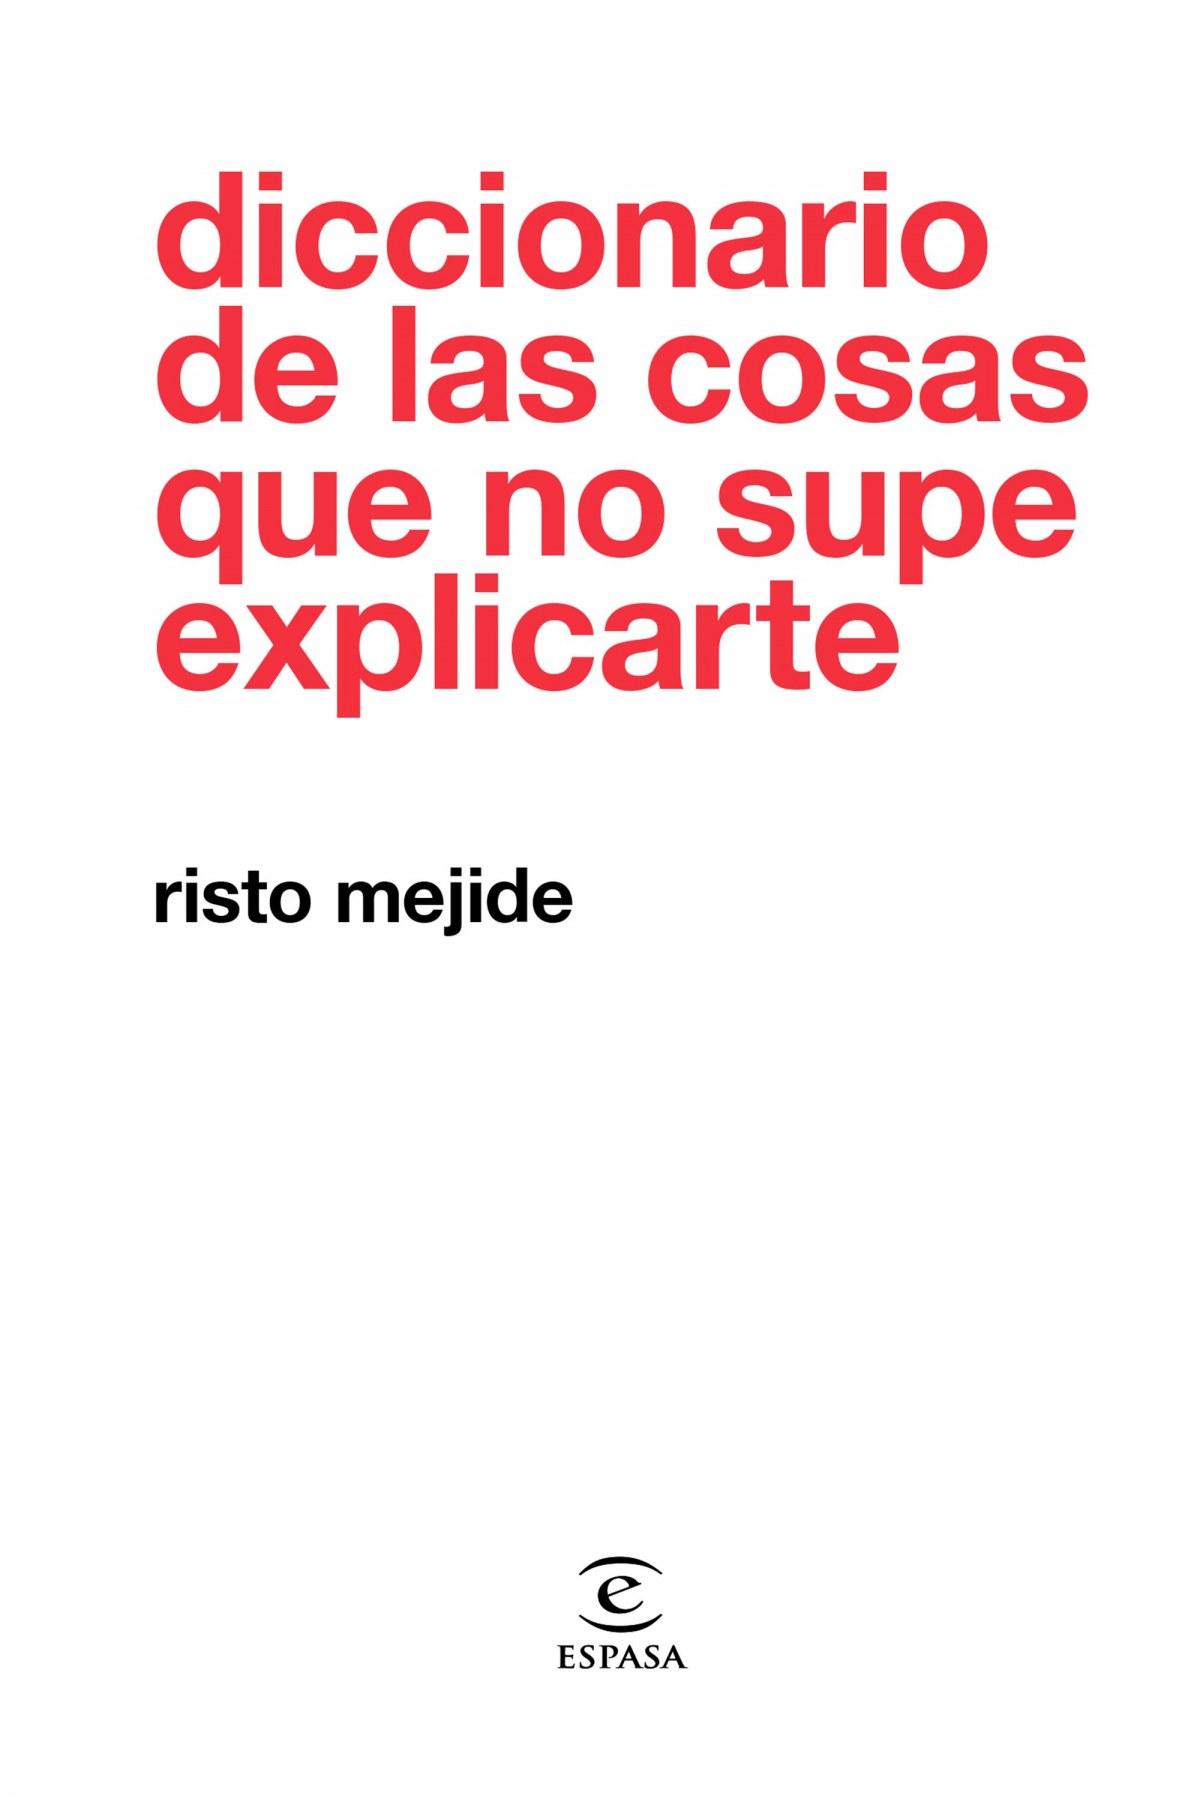 DICCIONARIO DE LAS COSAS QUE NO SUPE EXPLICARTE 9788467054026